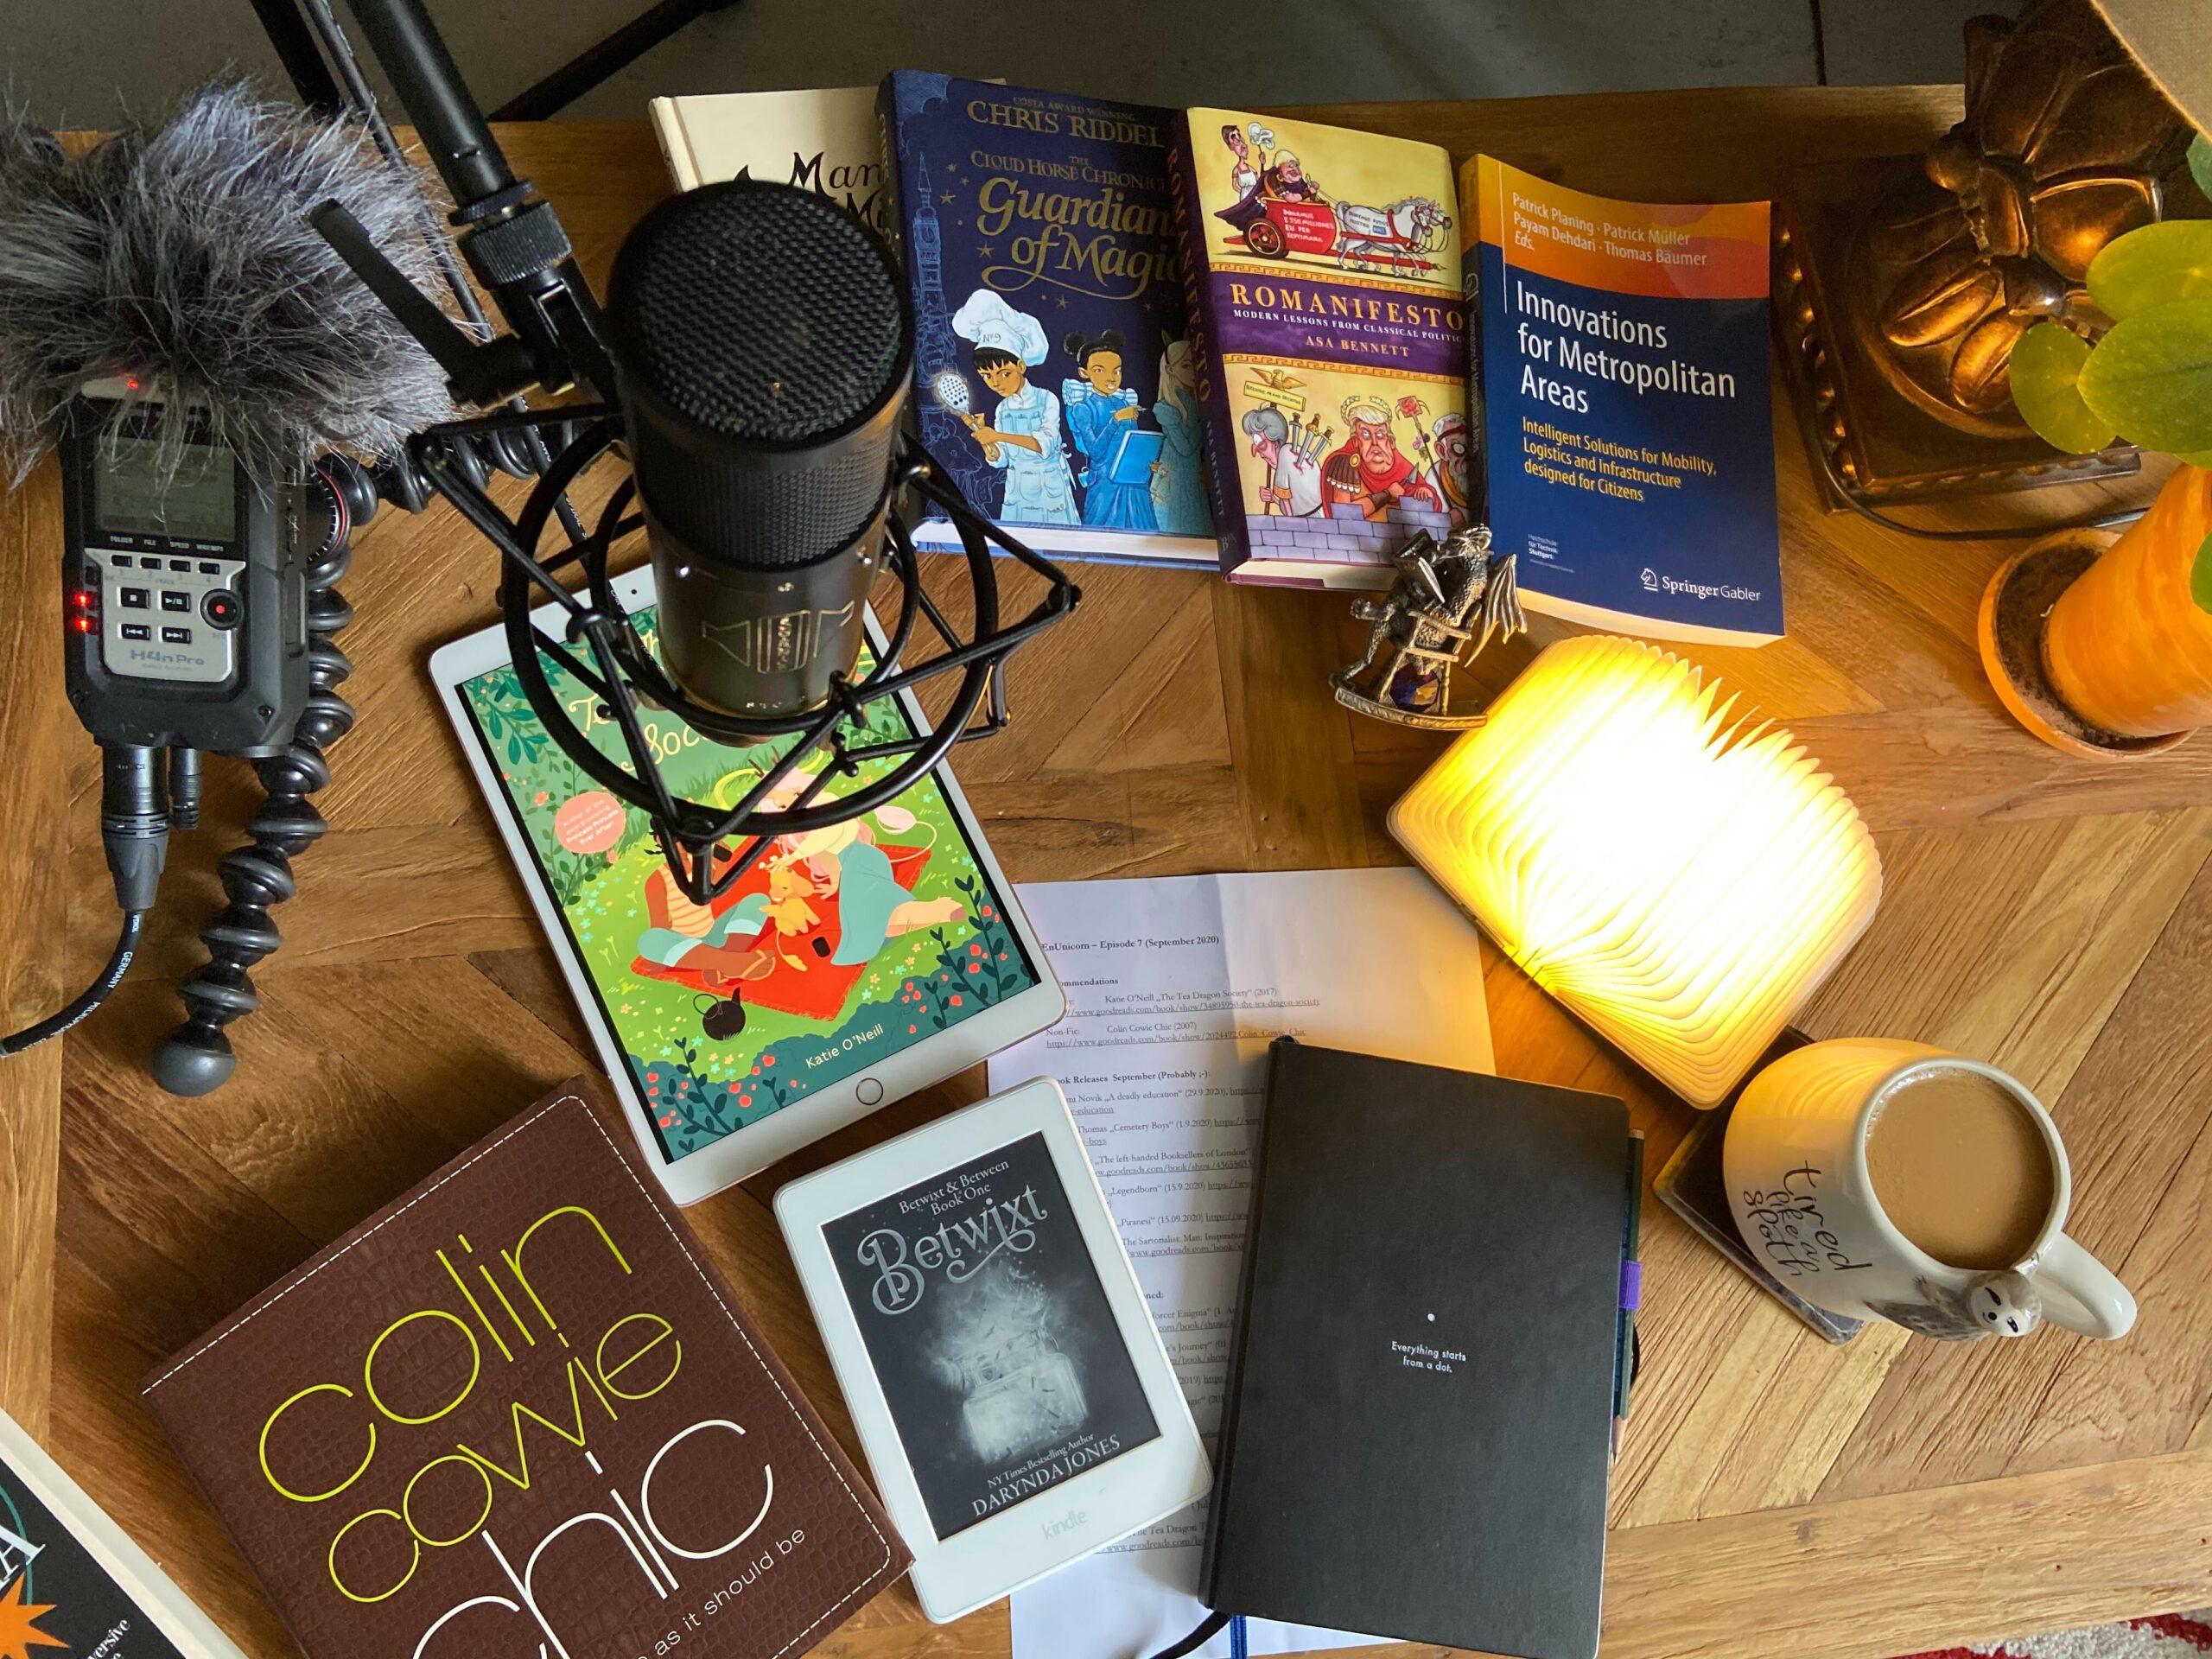 Tisch bit Büchern, darüber ein Mikrofon